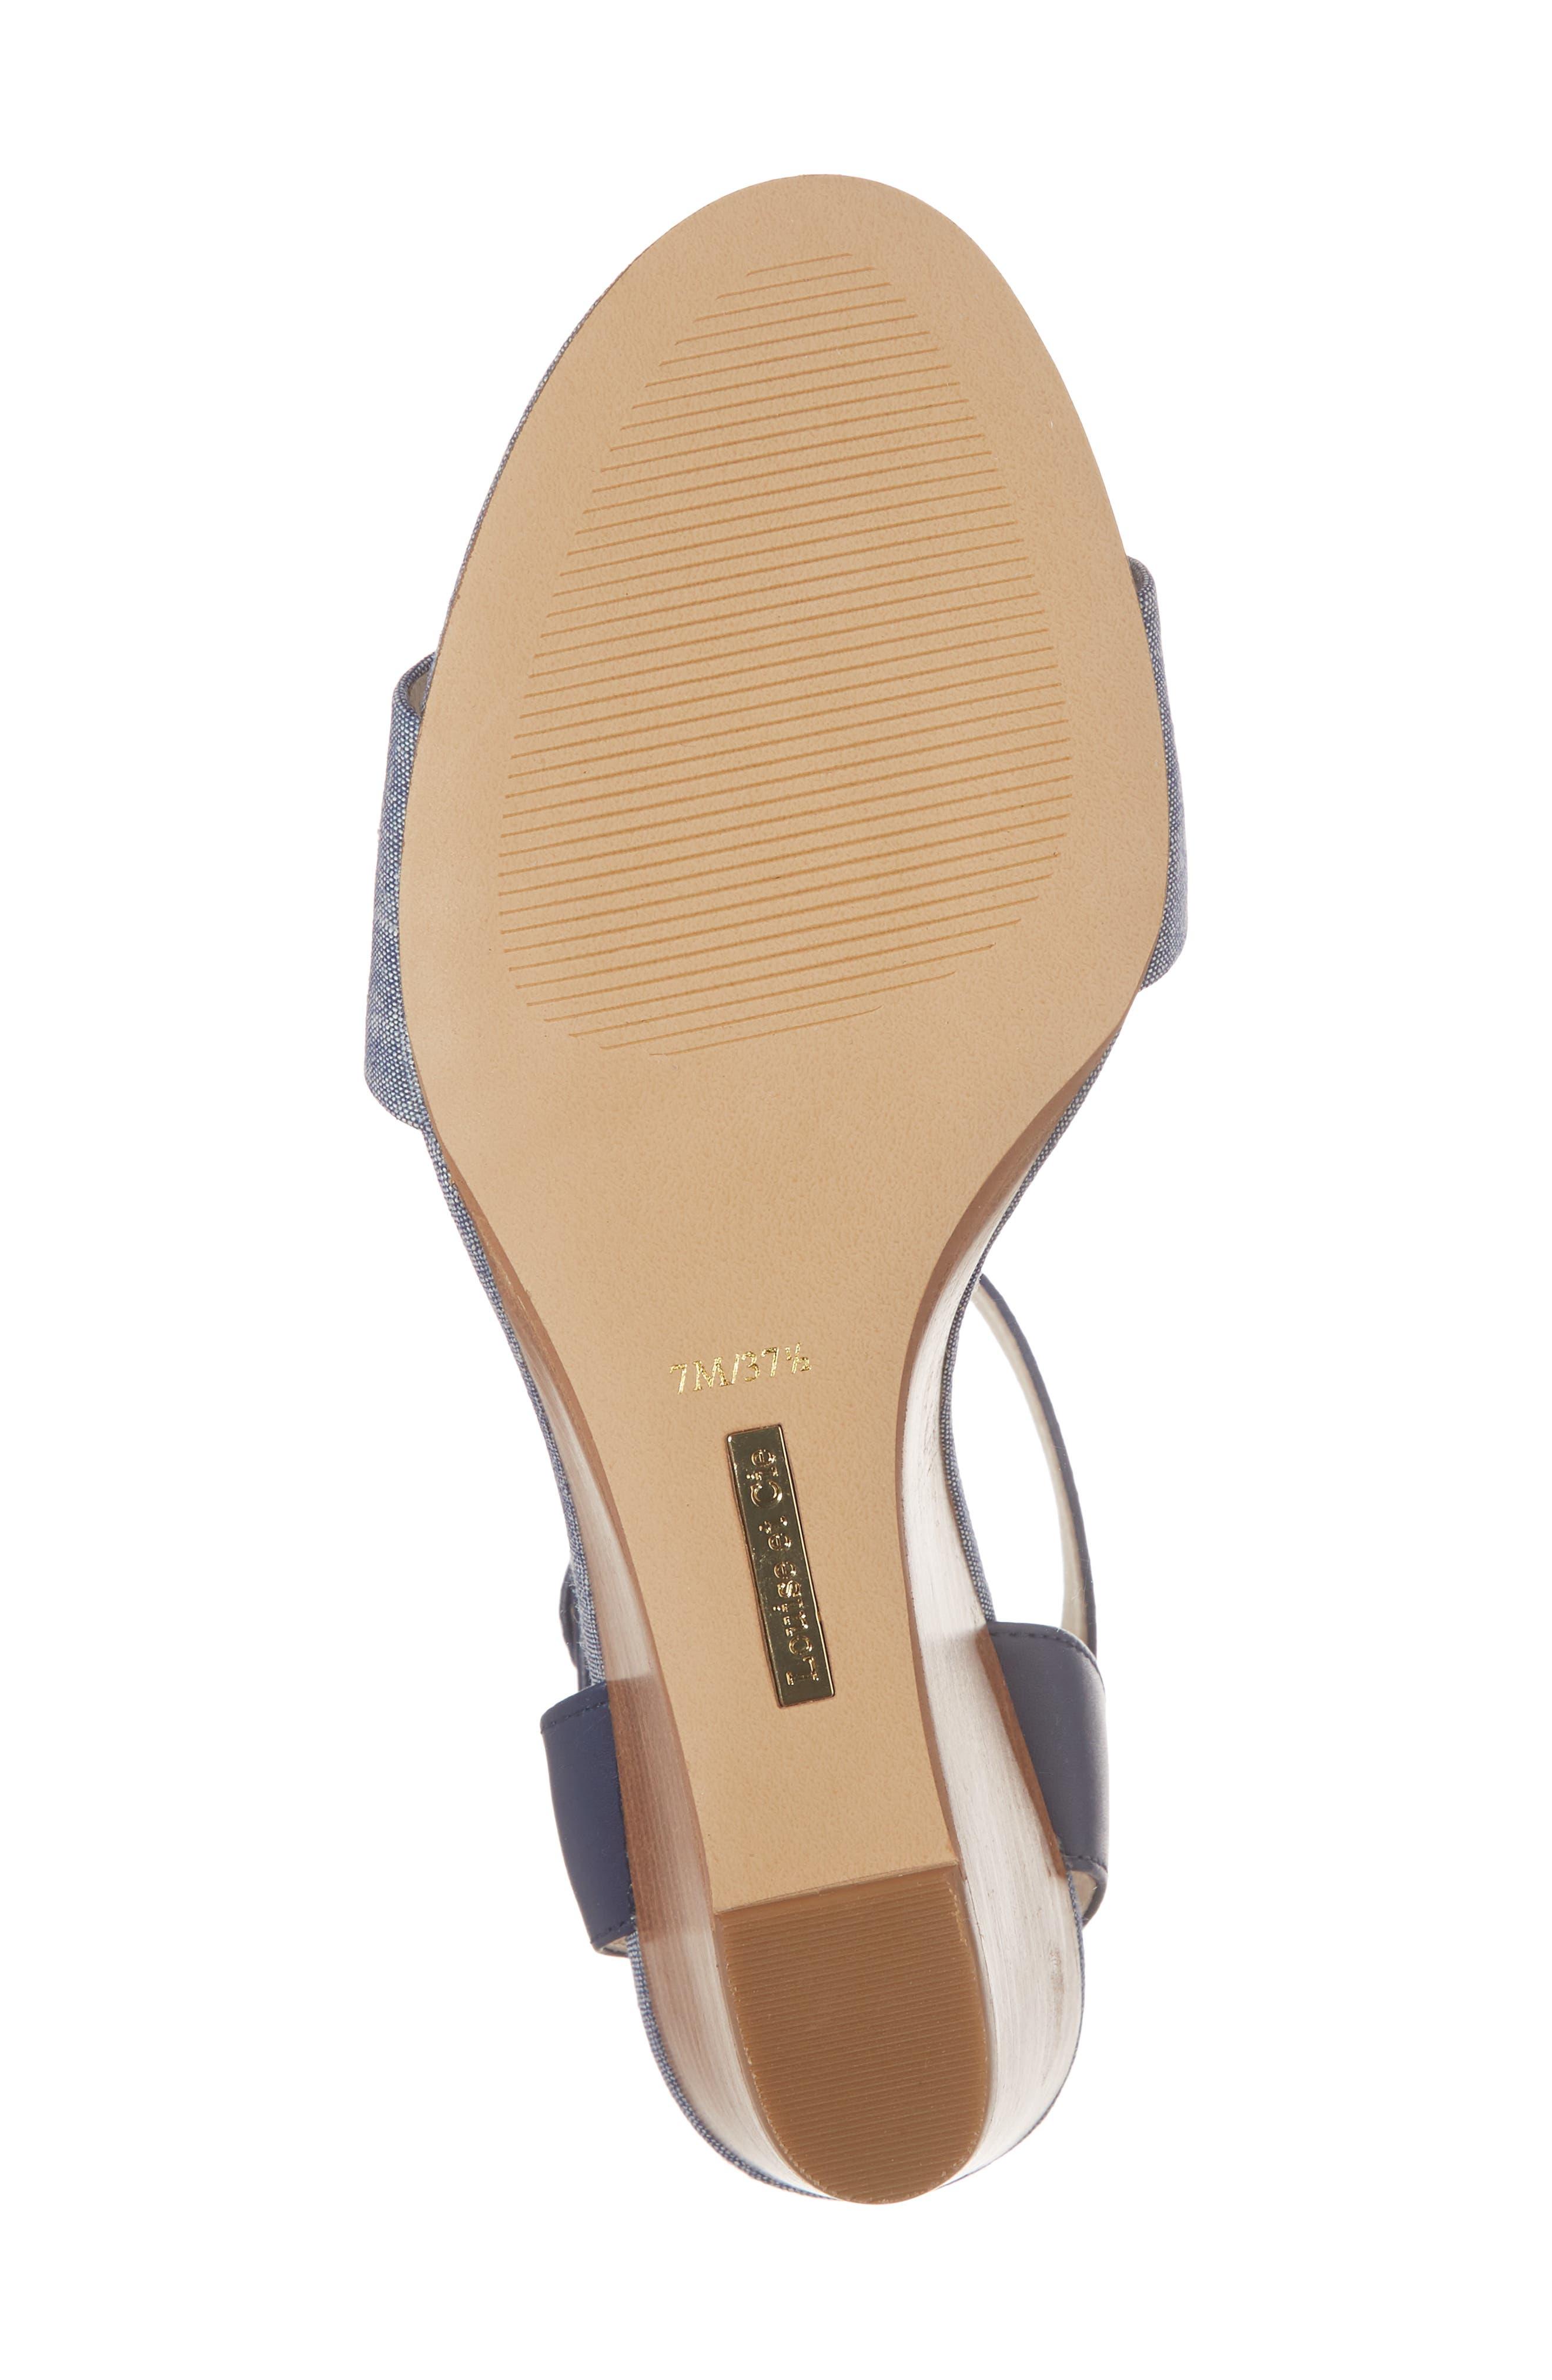 Punya Wedge Sandal,                             Alternate thumbnail 6, color,                             Denim Fabric